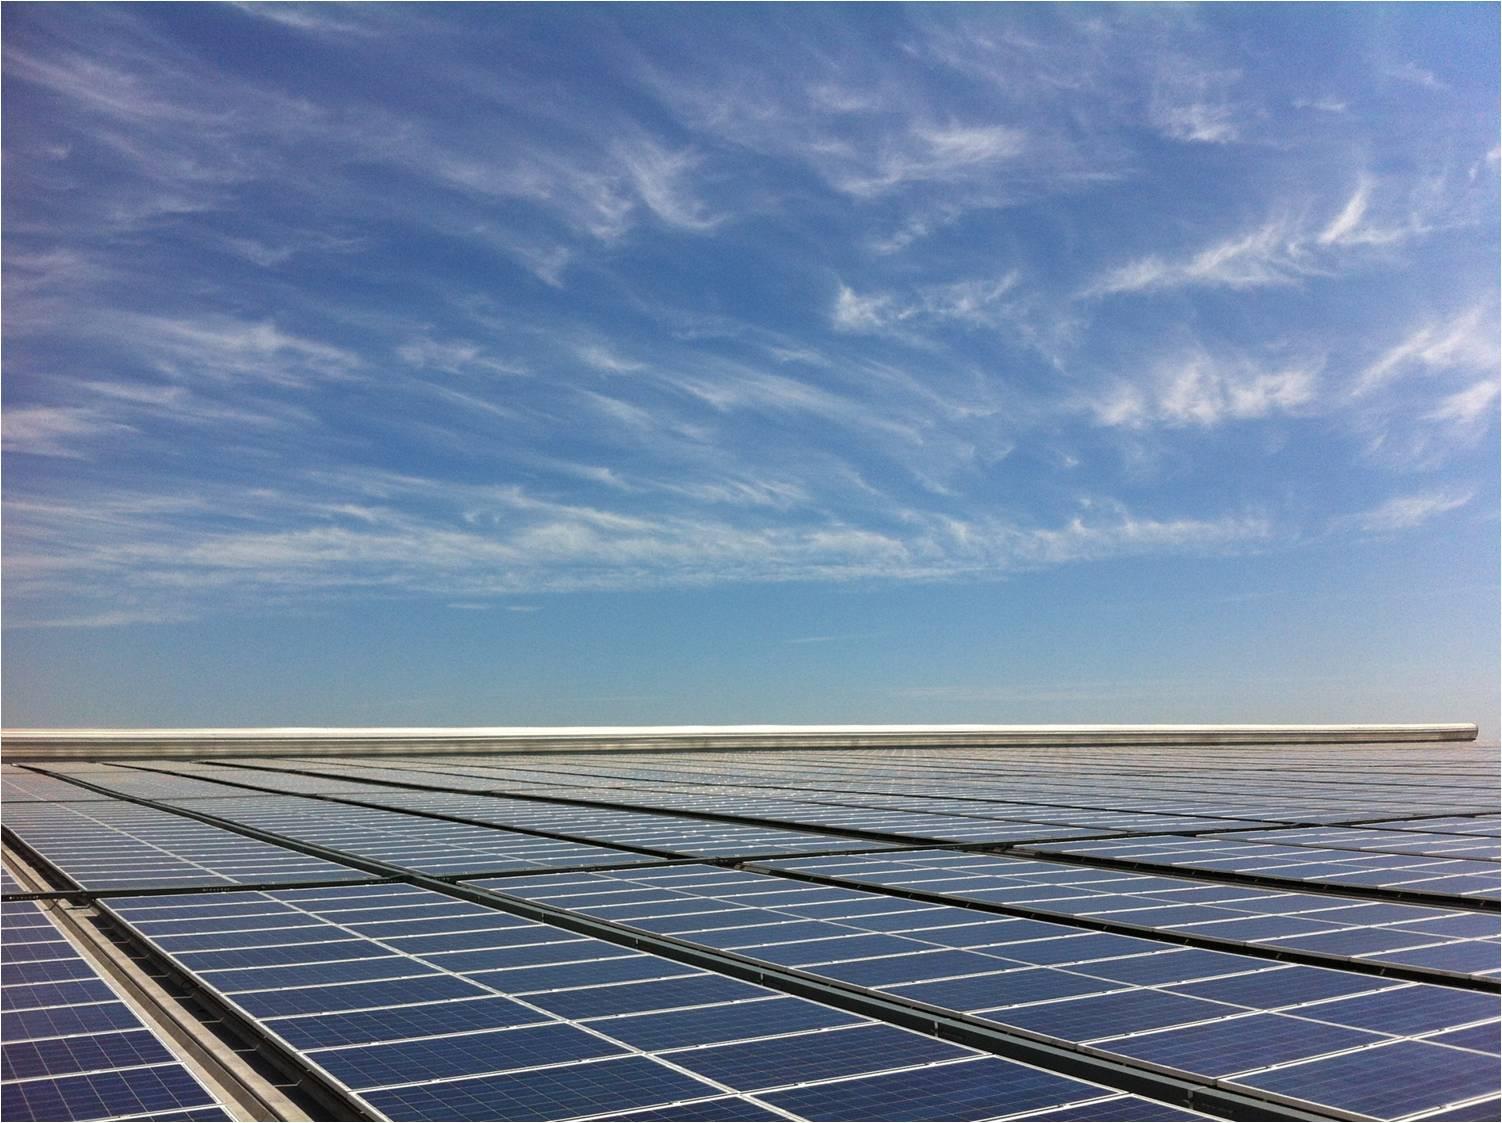 工厂建设太阳能光伏电站